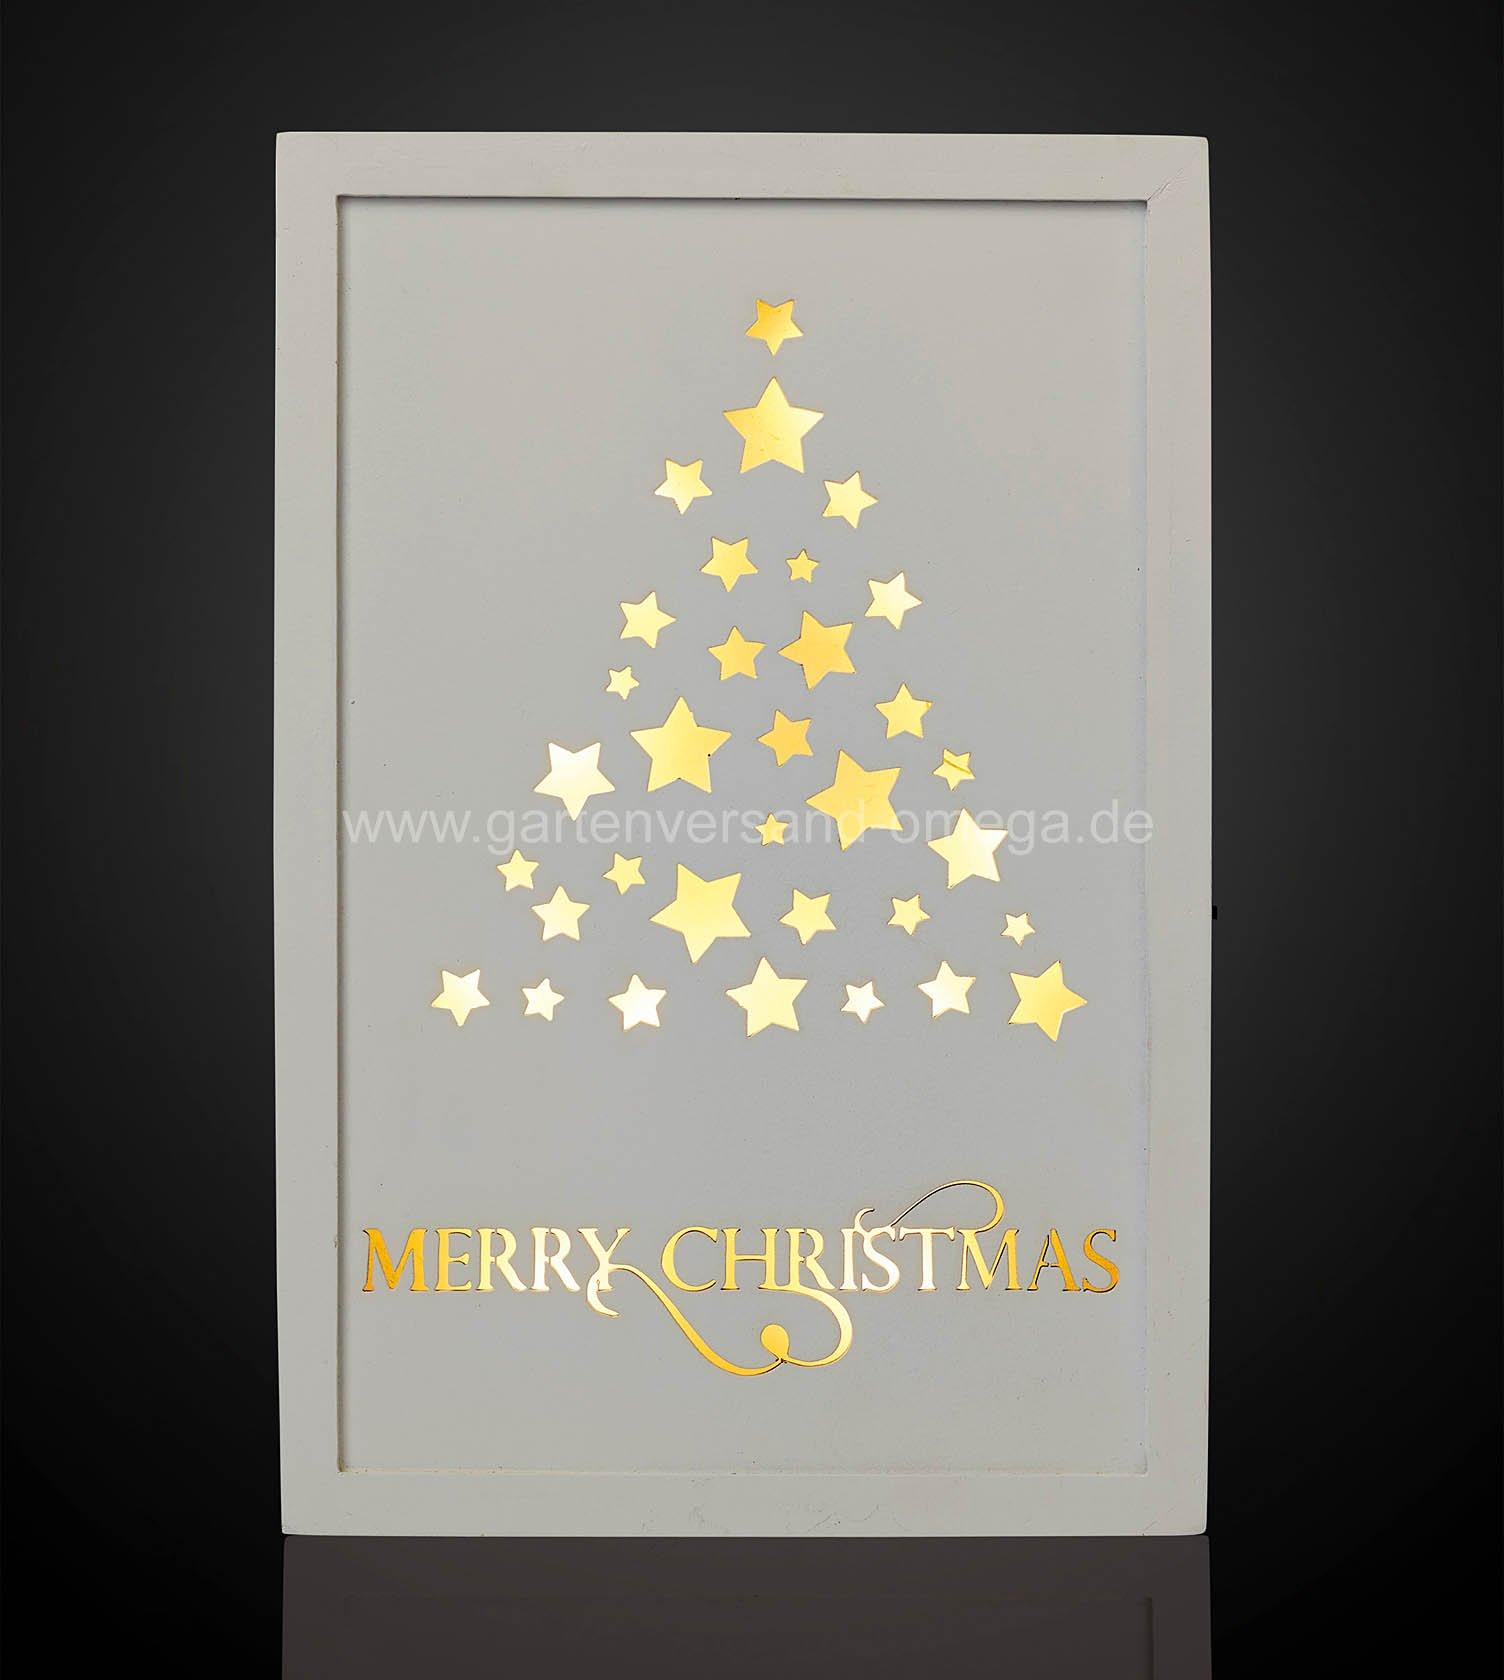 Led holzbild mit weihnachtsbaum led bild beleuchtetes - Weihnachtsbeleuchtung ohne kabel ...